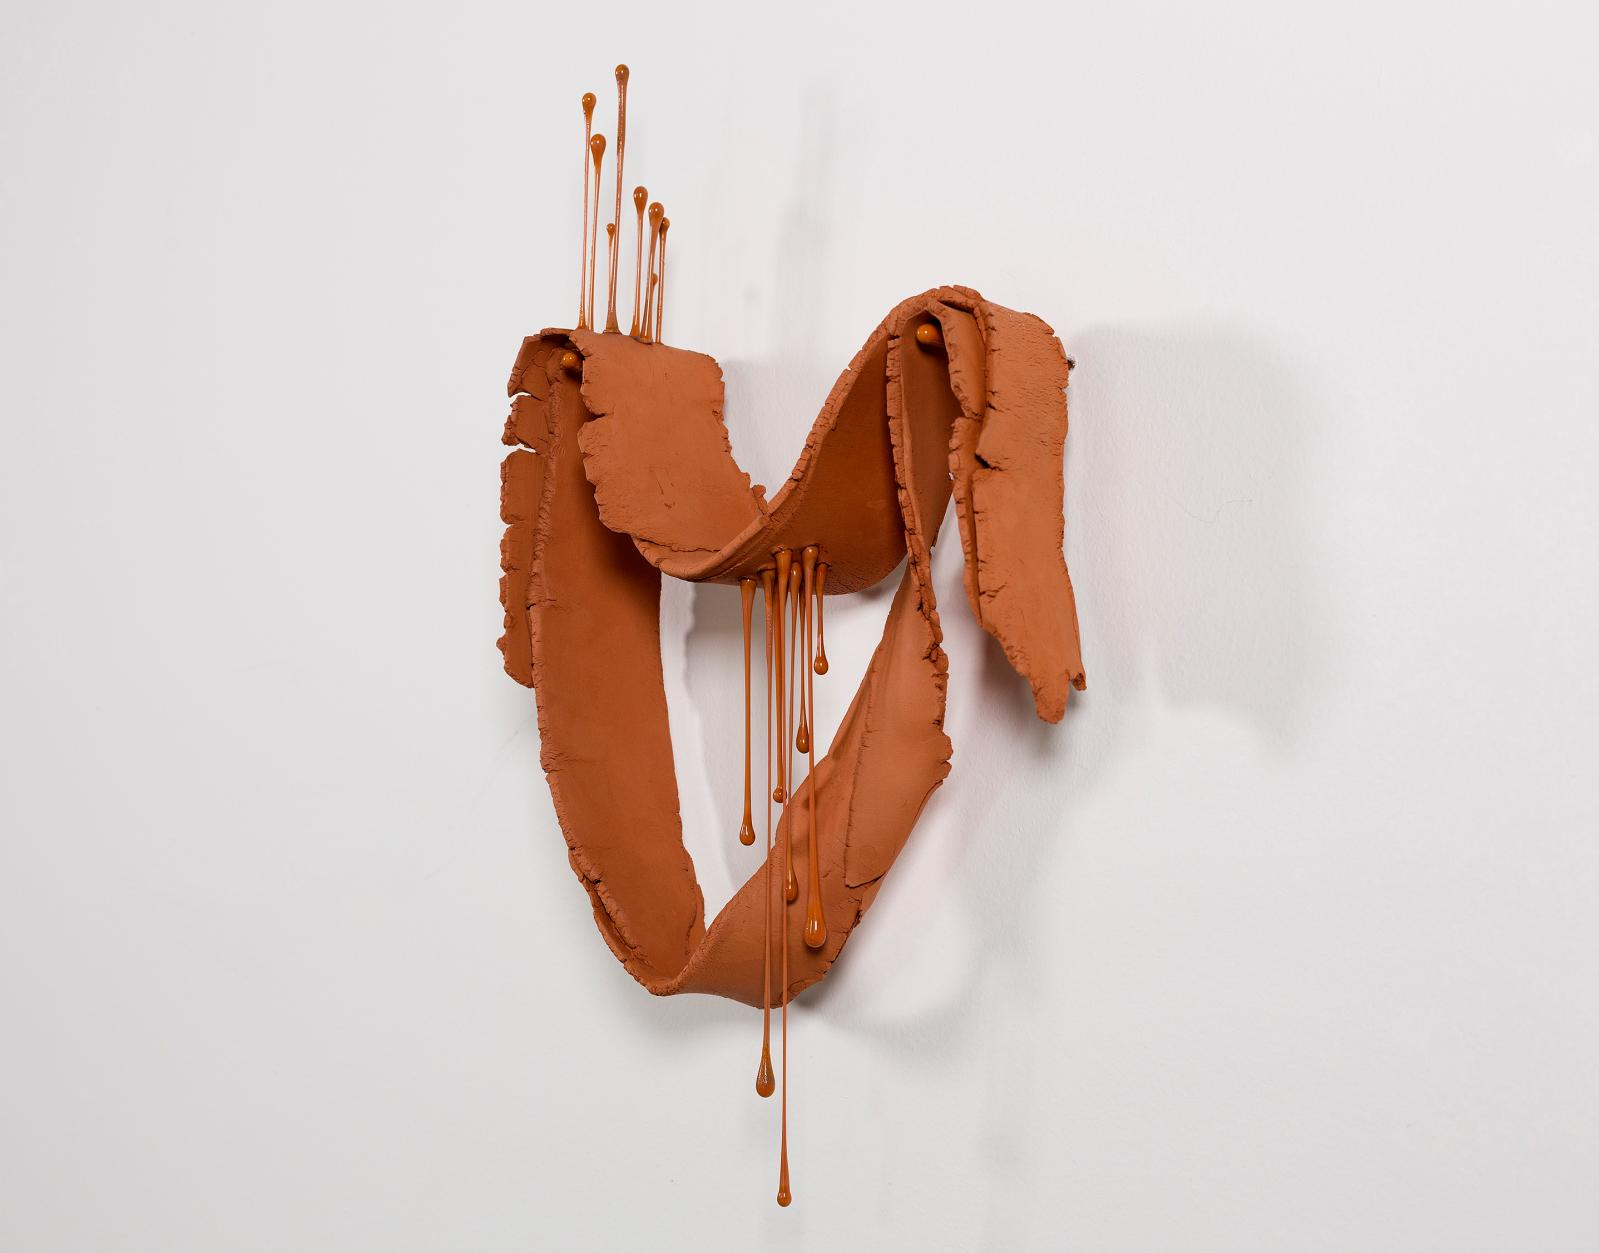 Julie Legrand, Les hautset les bas, 2020, céramiqueet verre filé, 21x37x6cm. © Galerie Valérie Delaunay